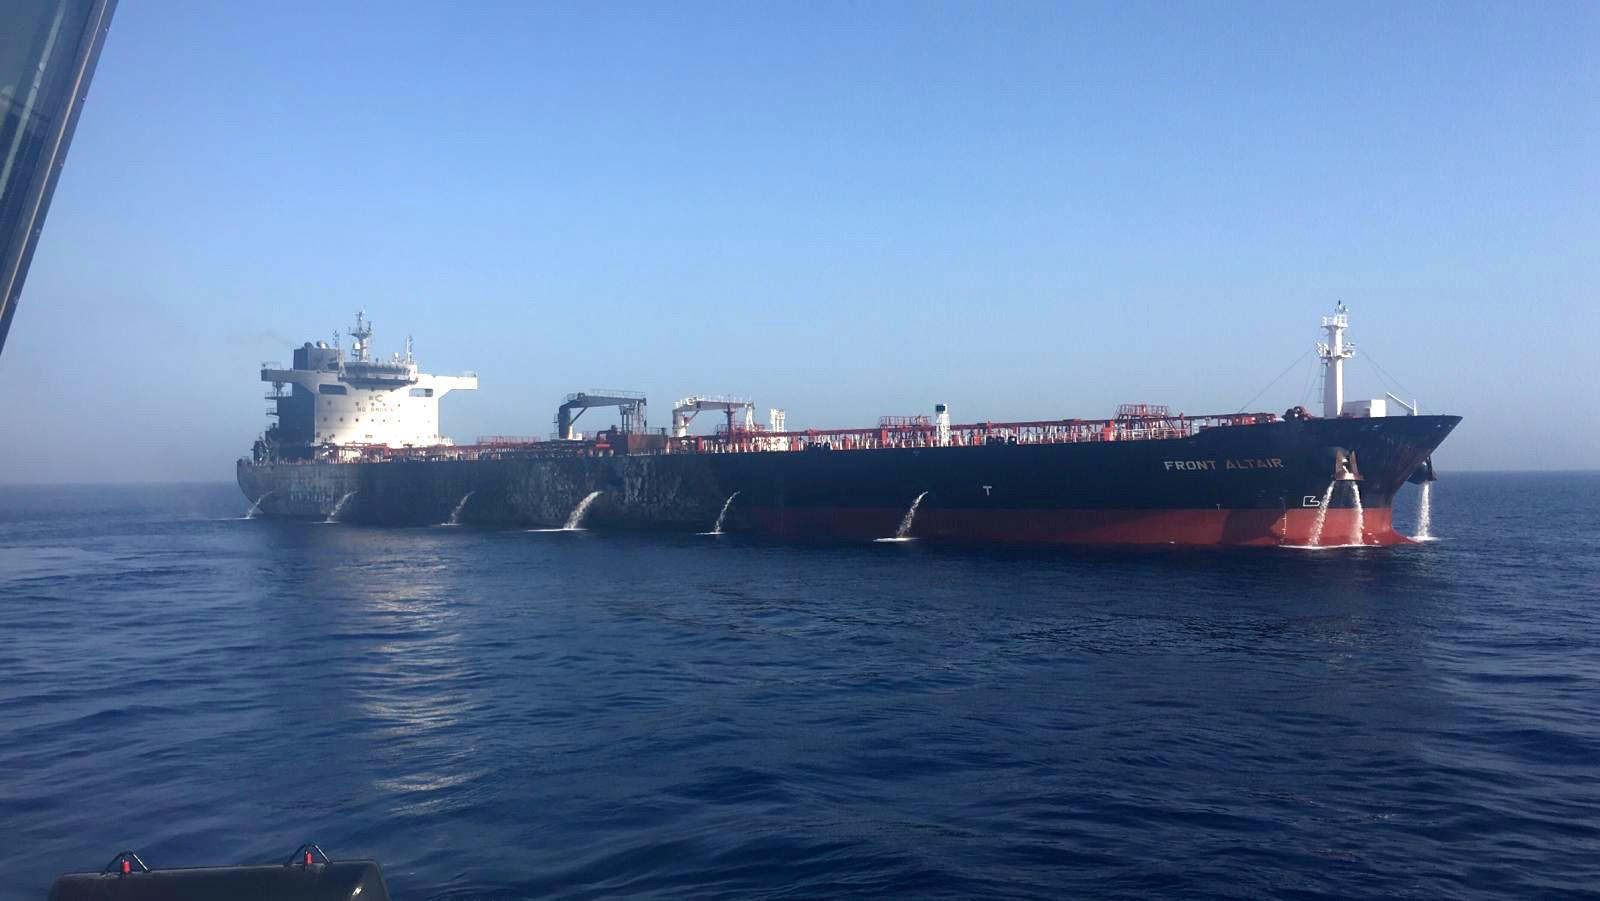 الصين: الحرب في الخليج ليست في مصلحة أحد